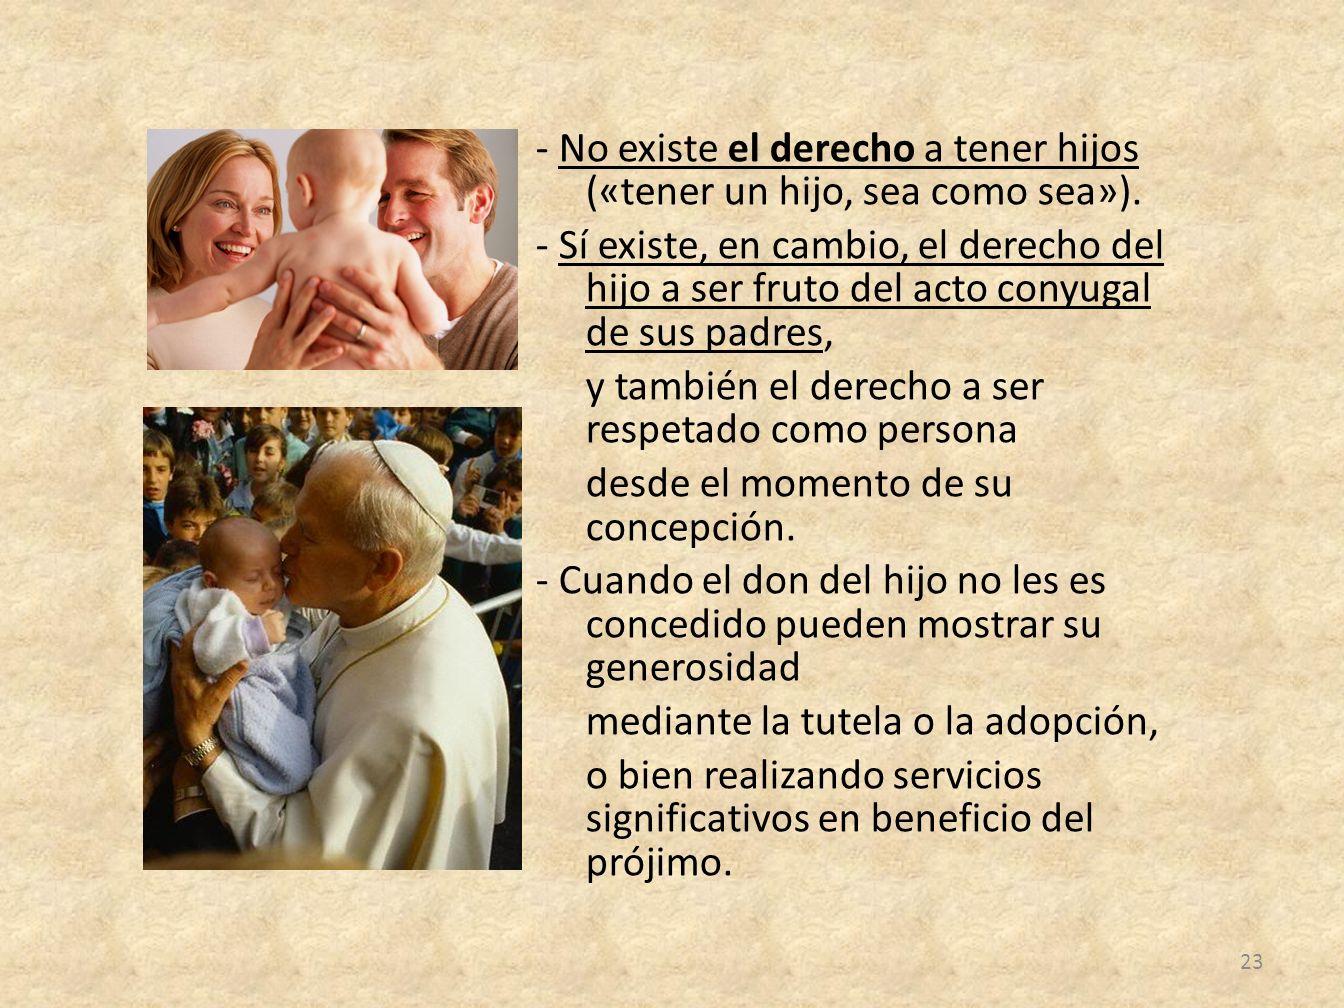 - No existe el derecho a tener hijos («tener un hijo, sea como sea»). - Sí existe, en cambio, el derecho del hijo a ser fruto del acto conyugal de sus